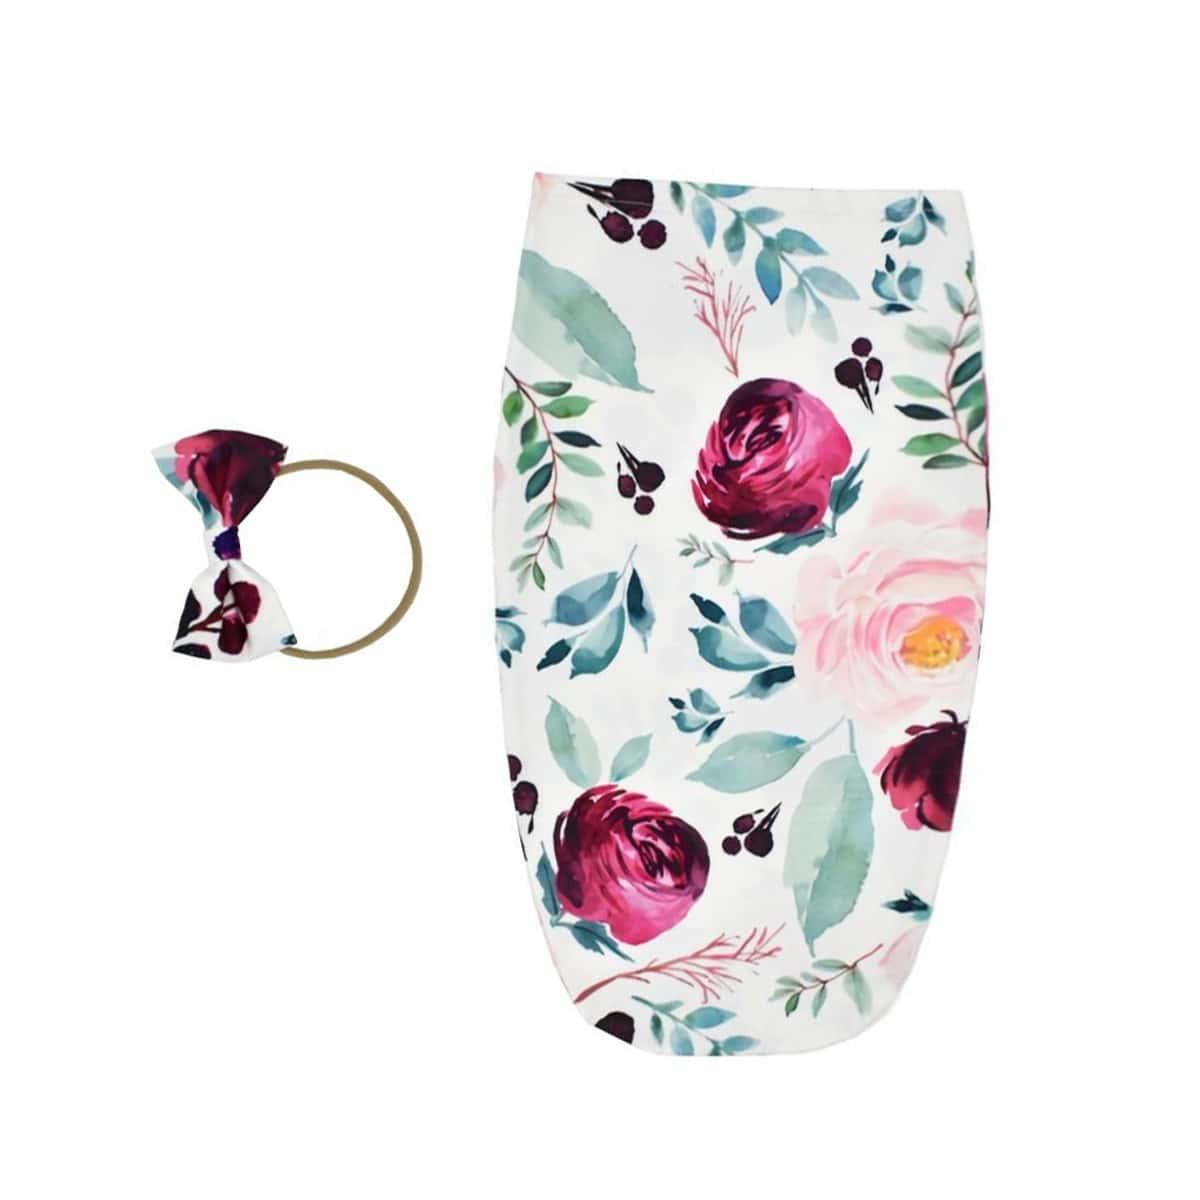 Schlafsack mit Blumen Muster & Stirnband Foto Outfit